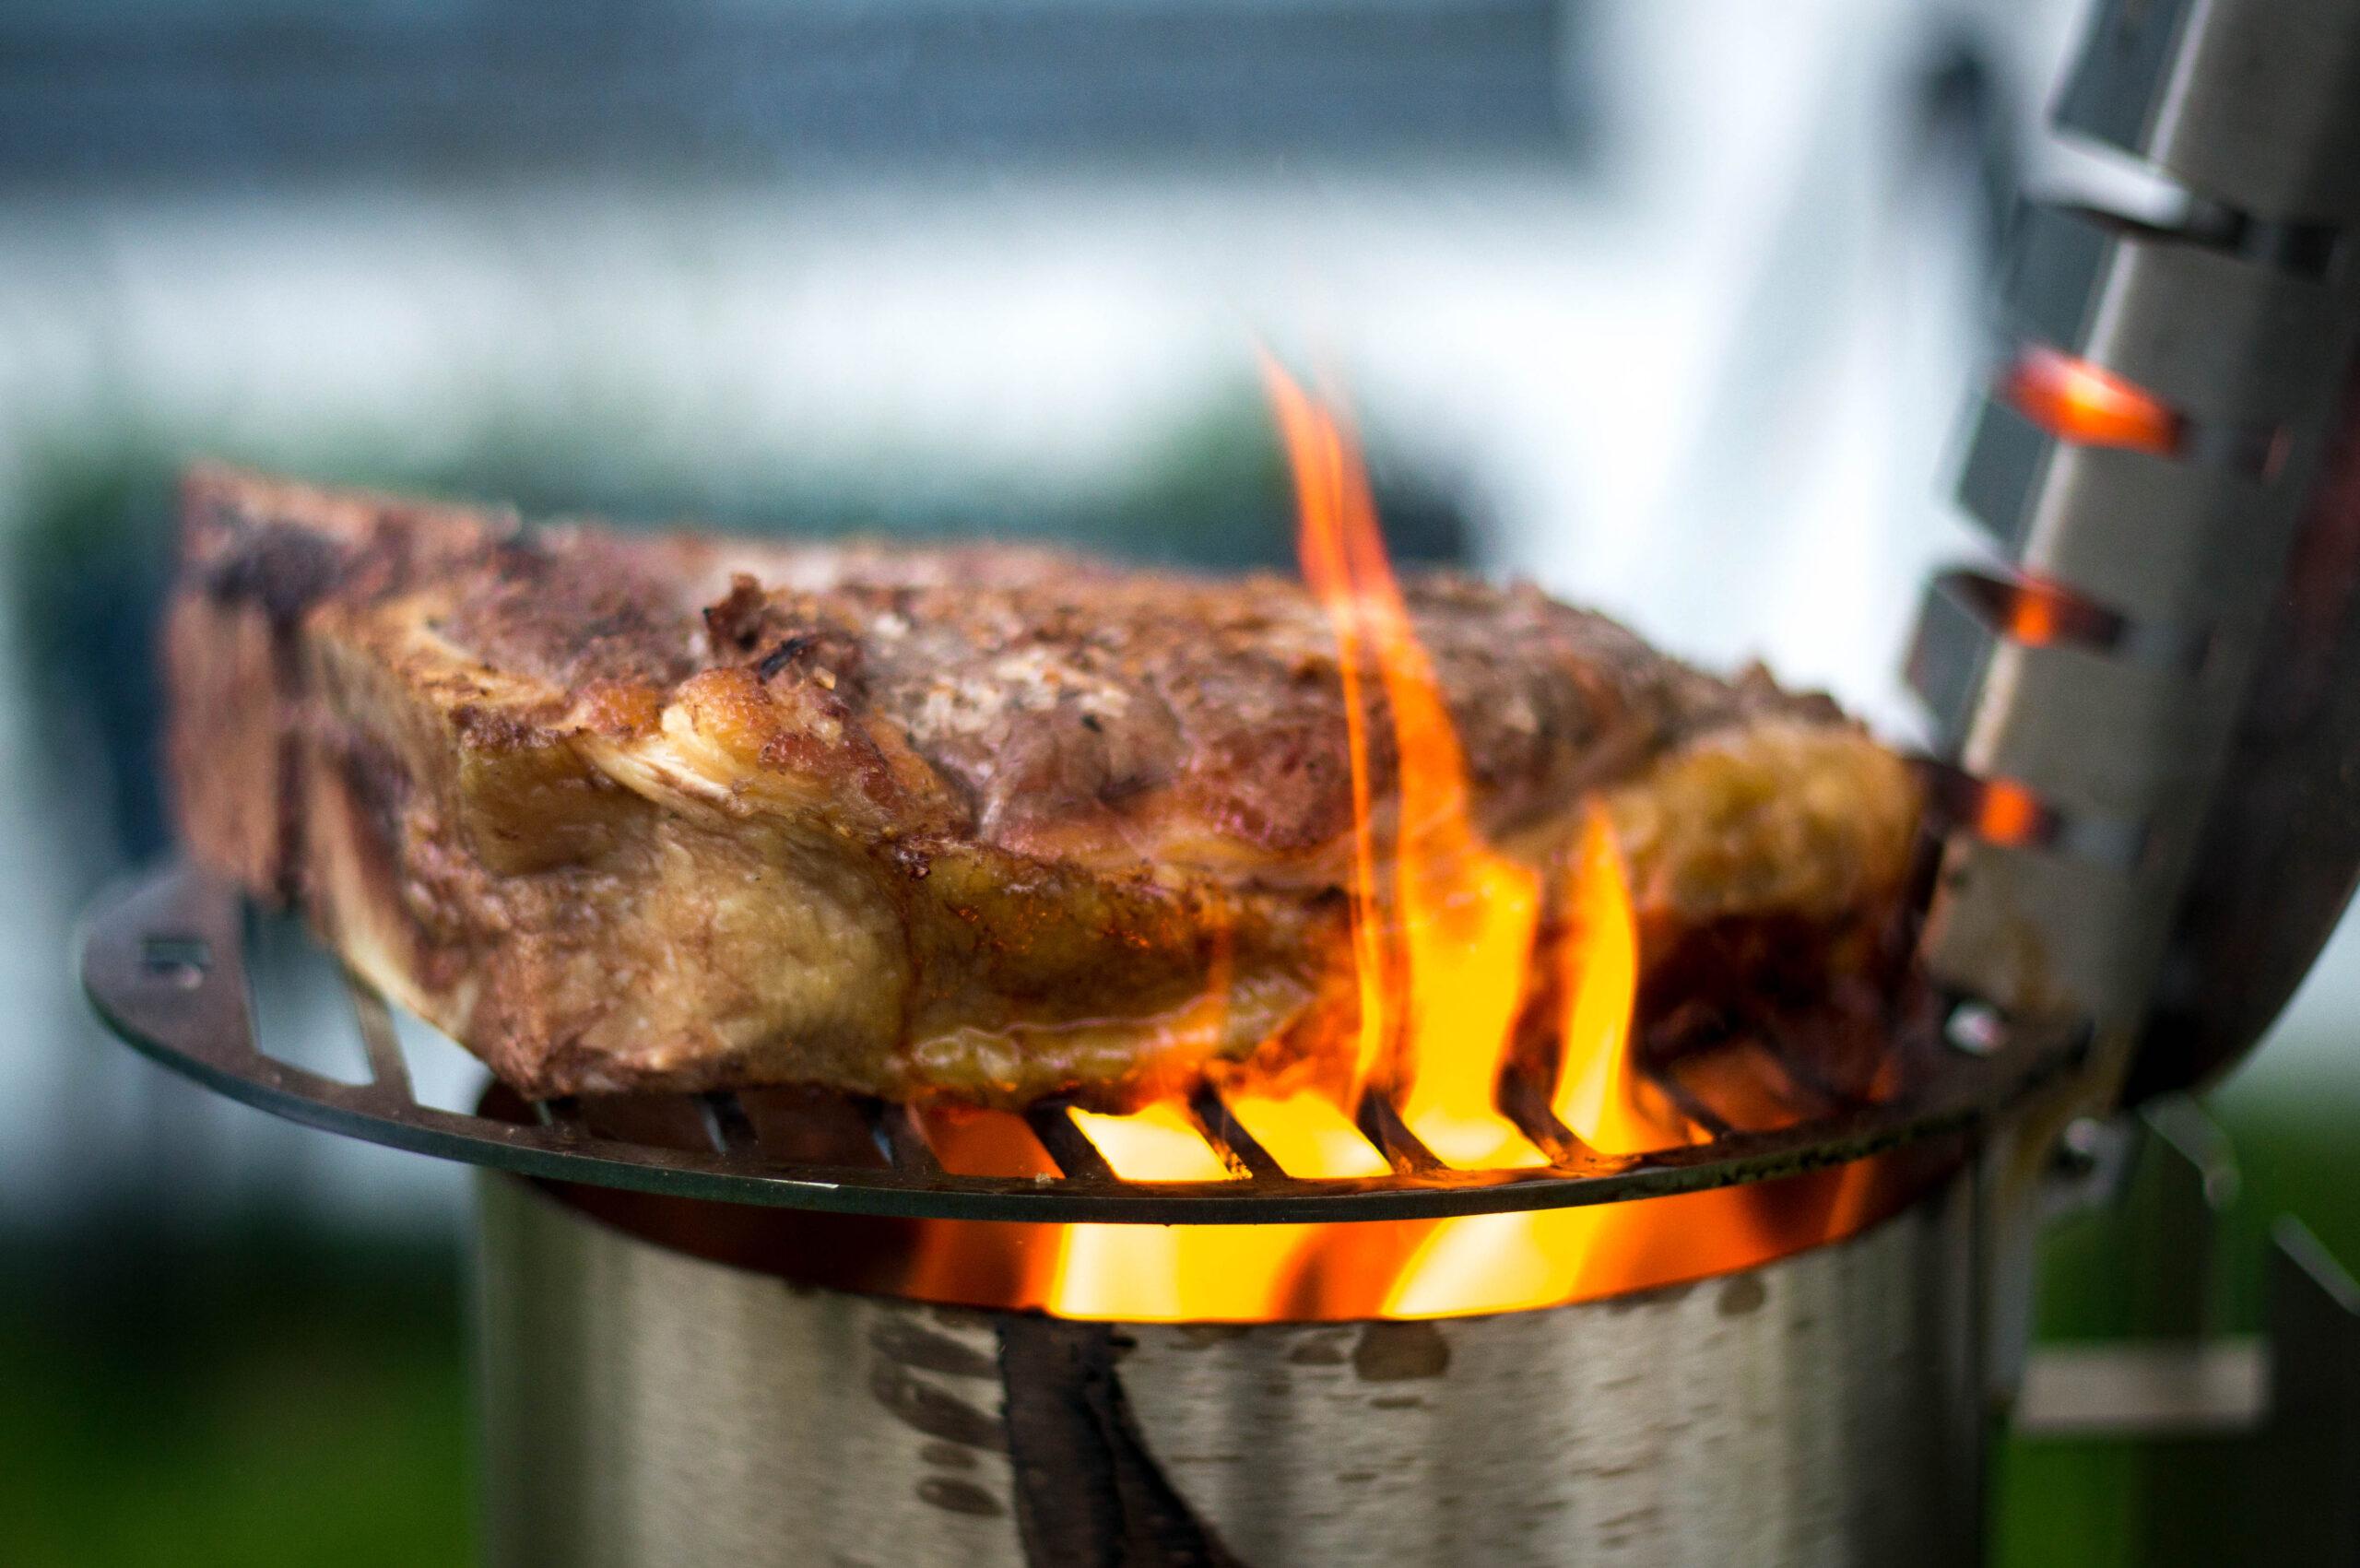 Laseraffe - Steak richtig Sous Vide zubereiten